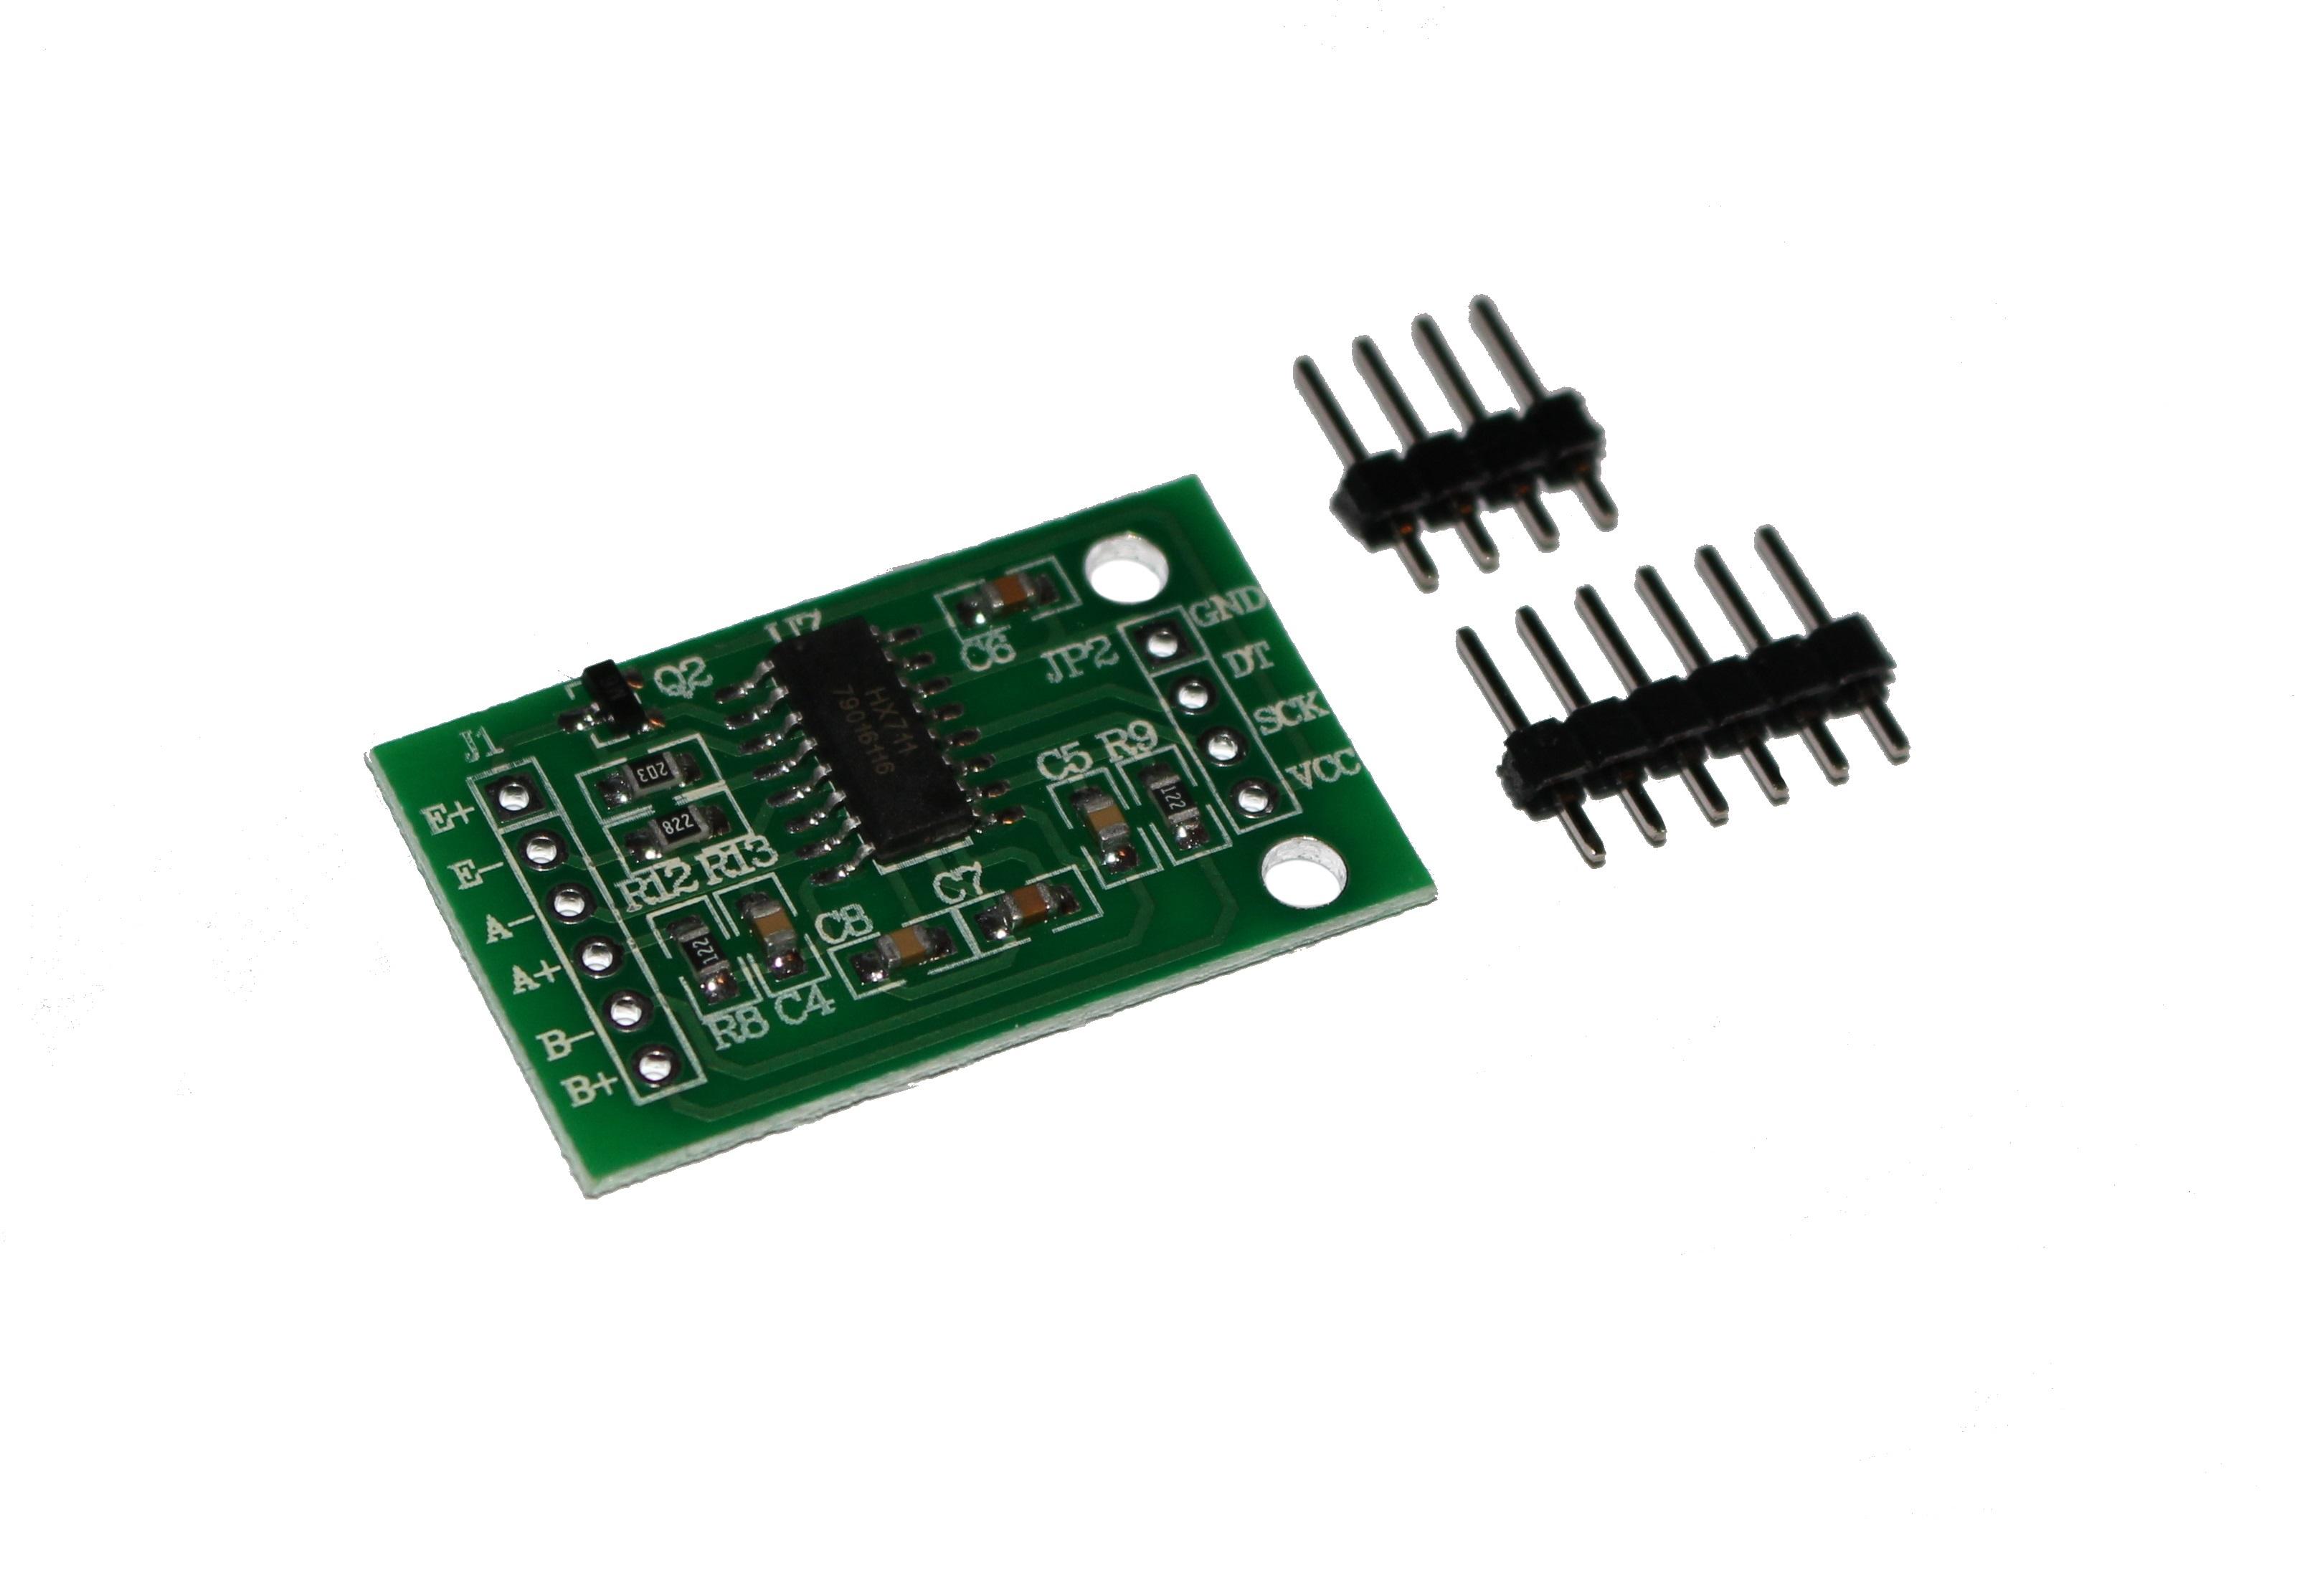 Hx711 24 bit gewichtssensor drucksensor modul arduino atmel avr